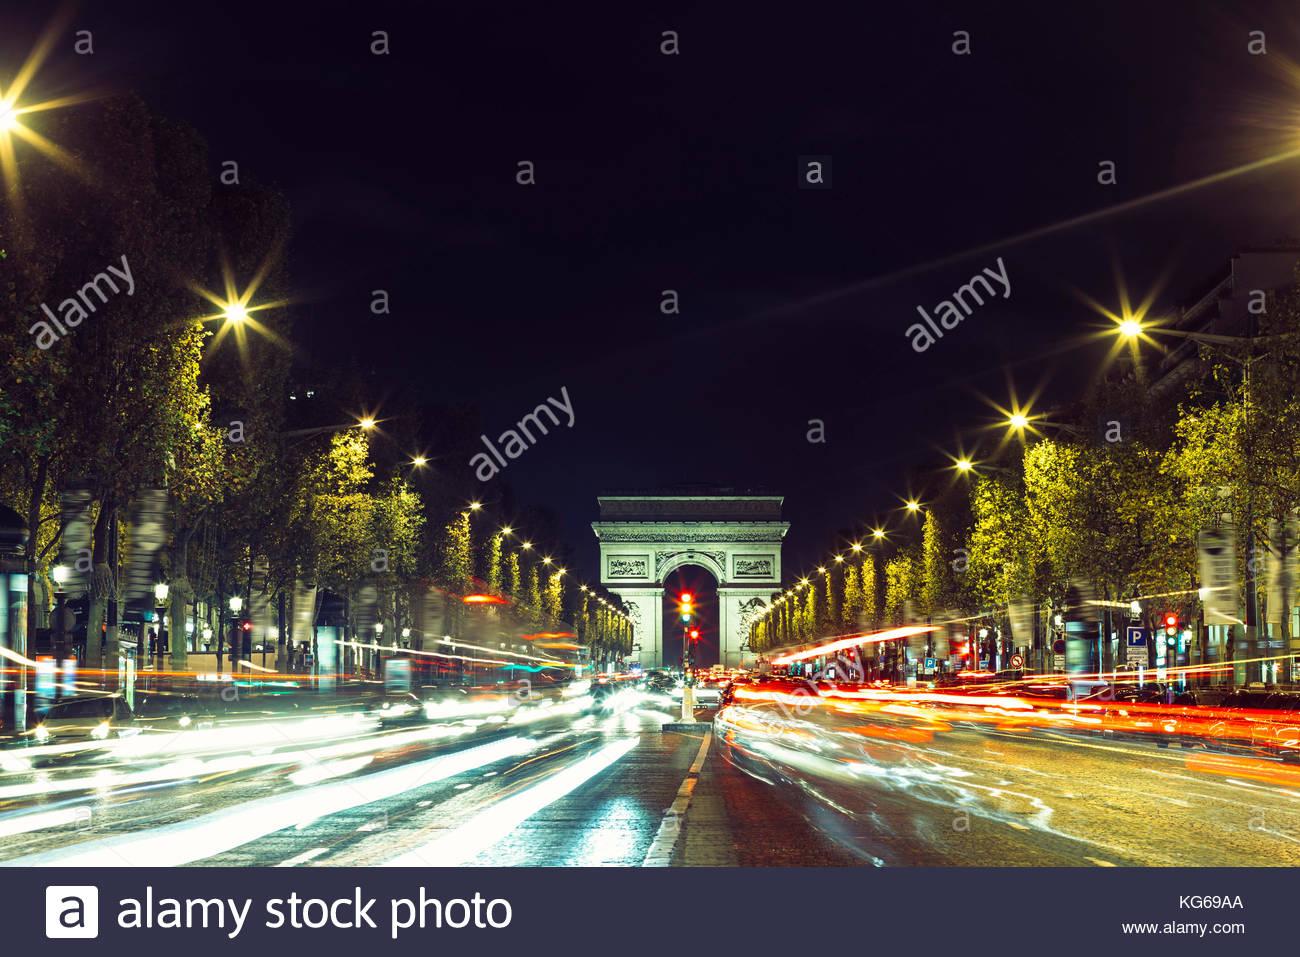 Beleuchtete Arc de Triomphe und der Champs-elysees in Paris. berühmten touristischen Orte und Transportkonzept. Stockbild